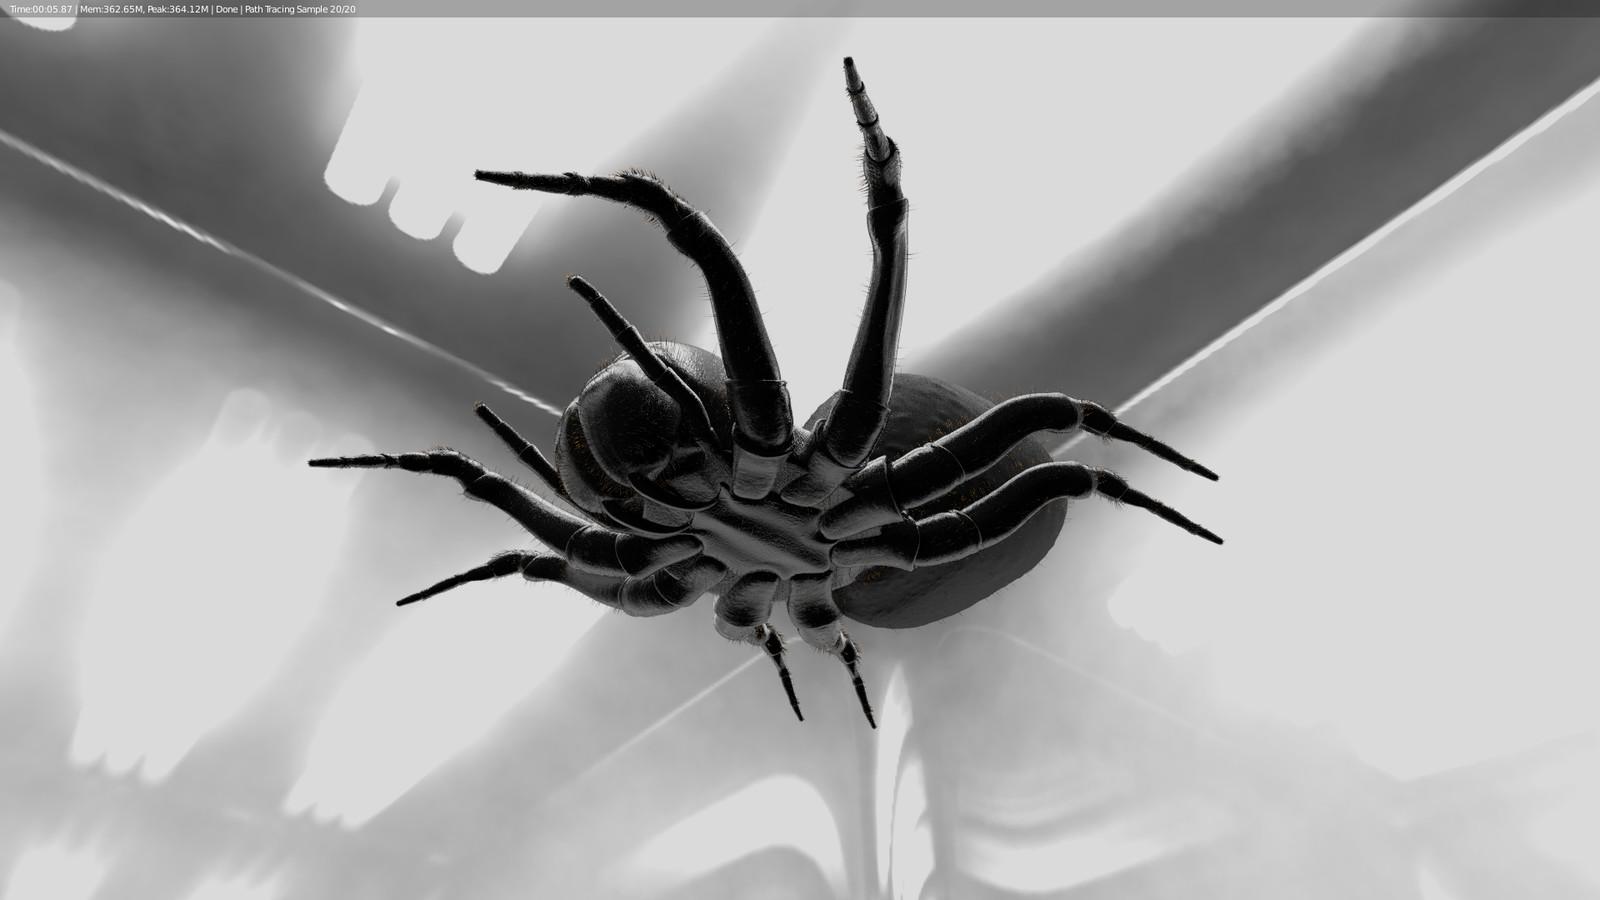 Spider Bottom